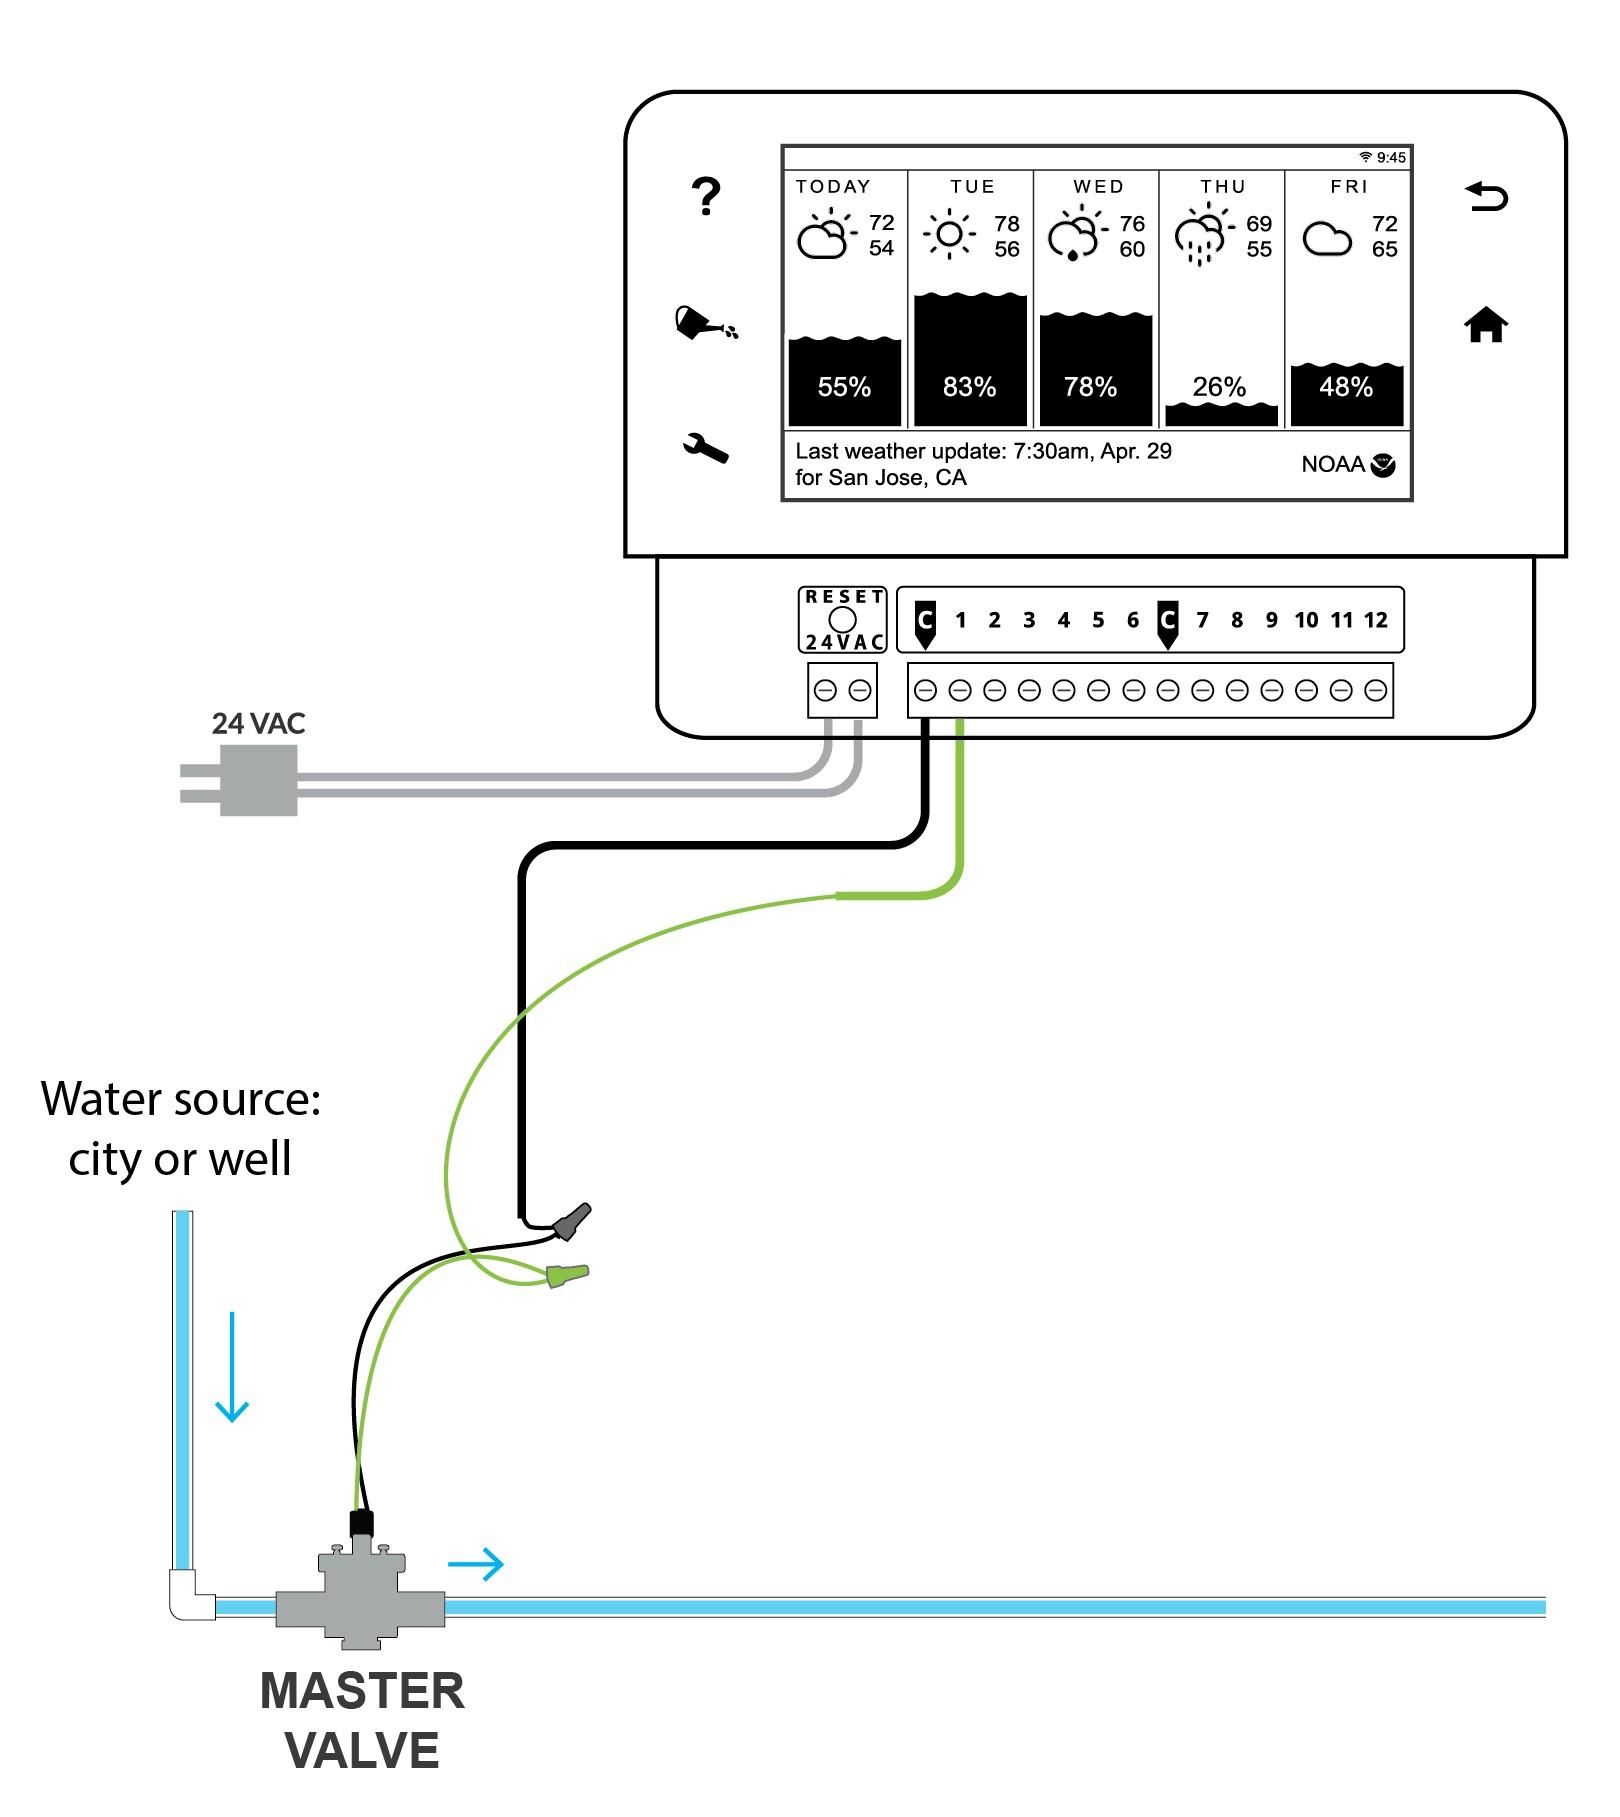 Orbit Pump Relay Wiring Diagram Master Valve and Pump Relay – Rainmachine Of Orbit Pump Relay Wiring Diagram